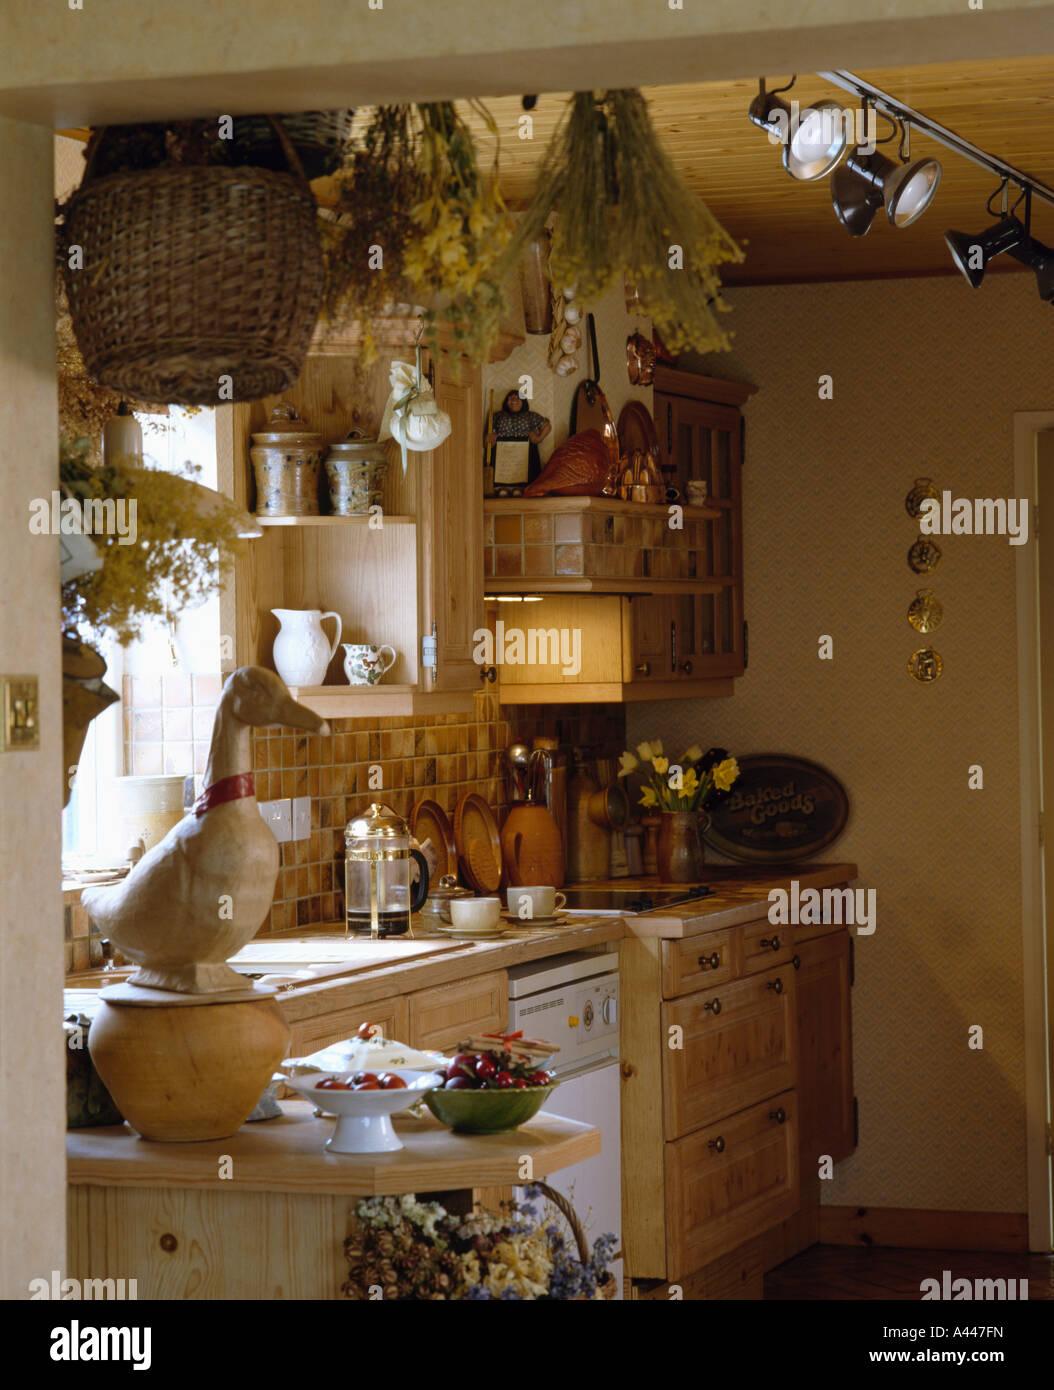 Ziemlich Küche Spot Leuchten Galerie - Ideen Für Die Küche ...